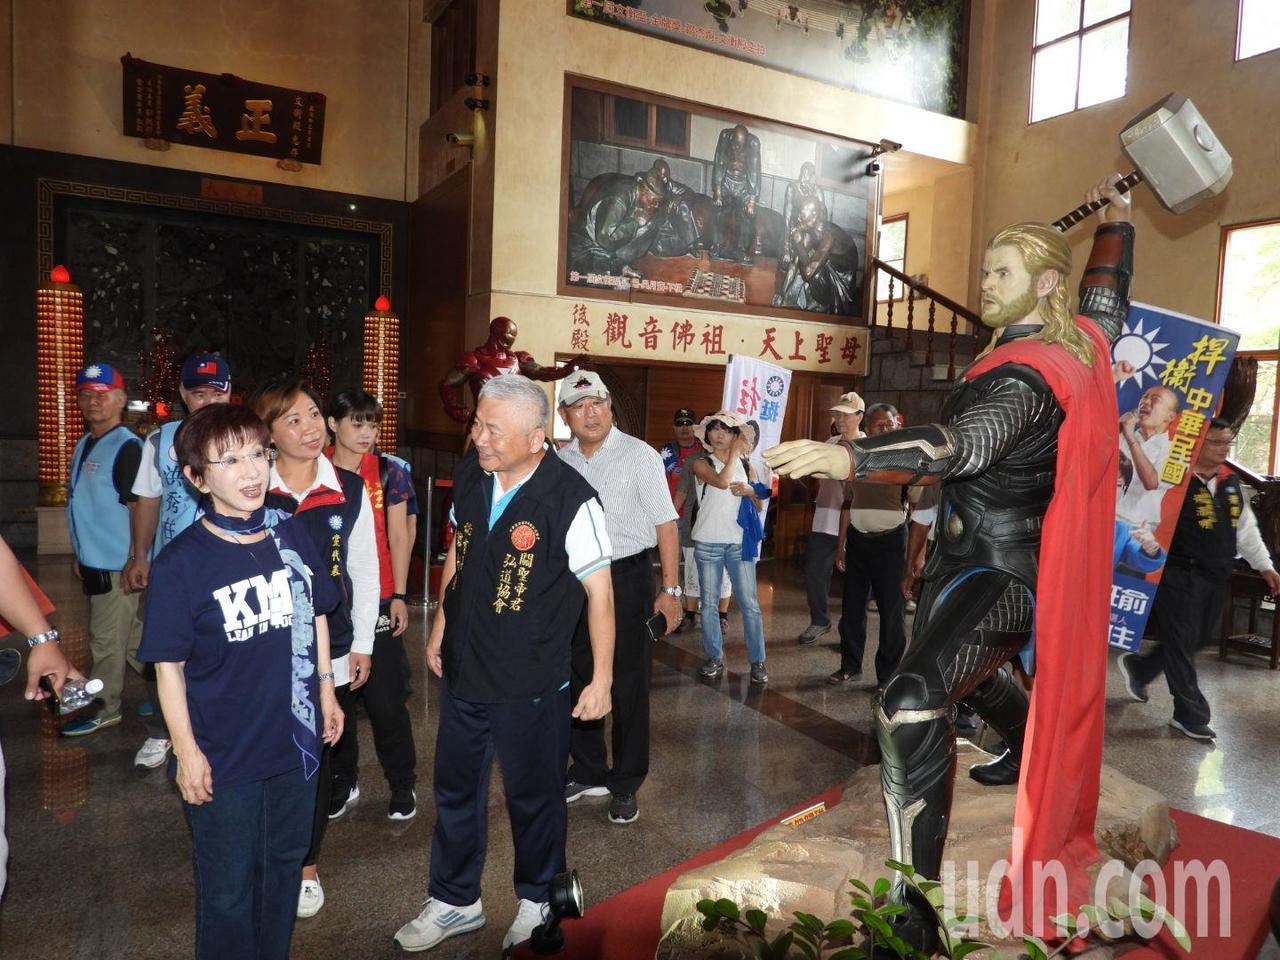 洪秀柱到龍崎文衡殿參拜,父老介紹殿內「復仇者聯盟」英雄雷神索爾。記者周宗禎/攝影